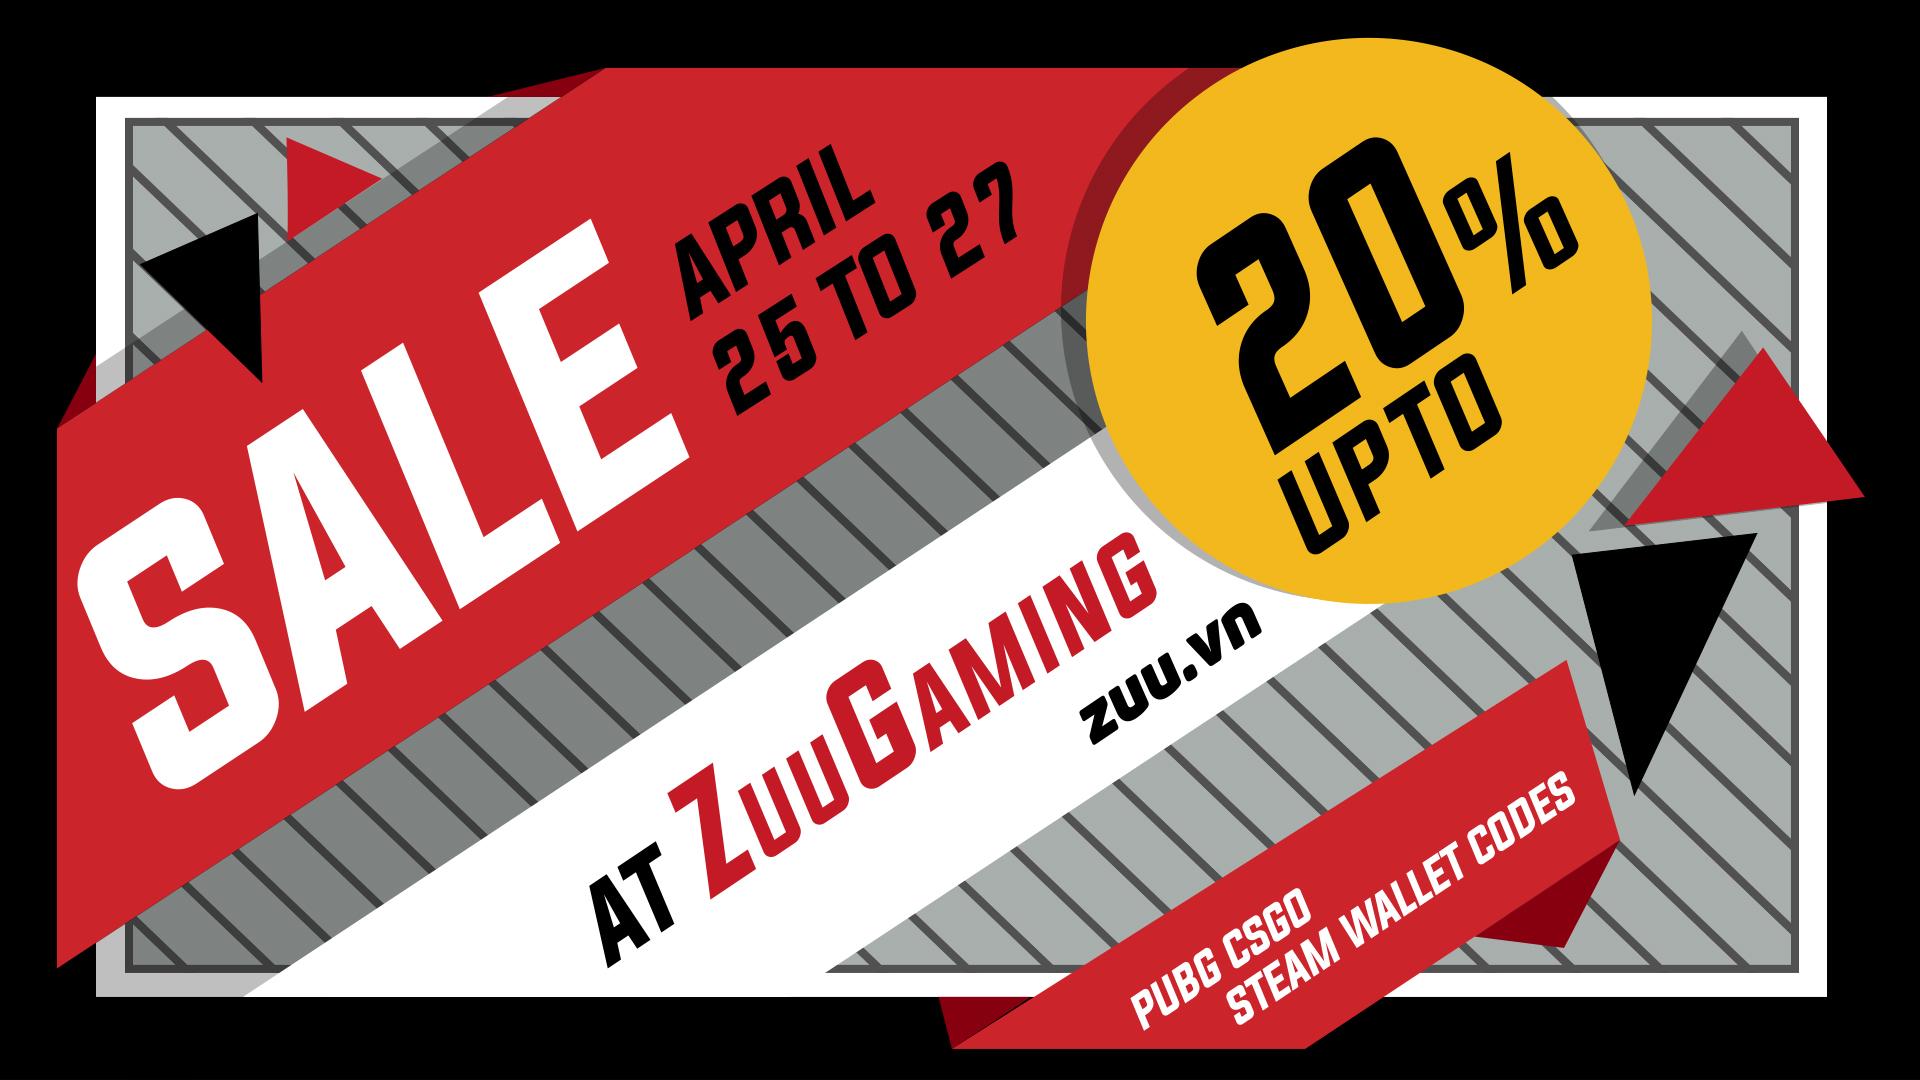 zuu.vn-sale-pubg-csgo-steam-wallet-code